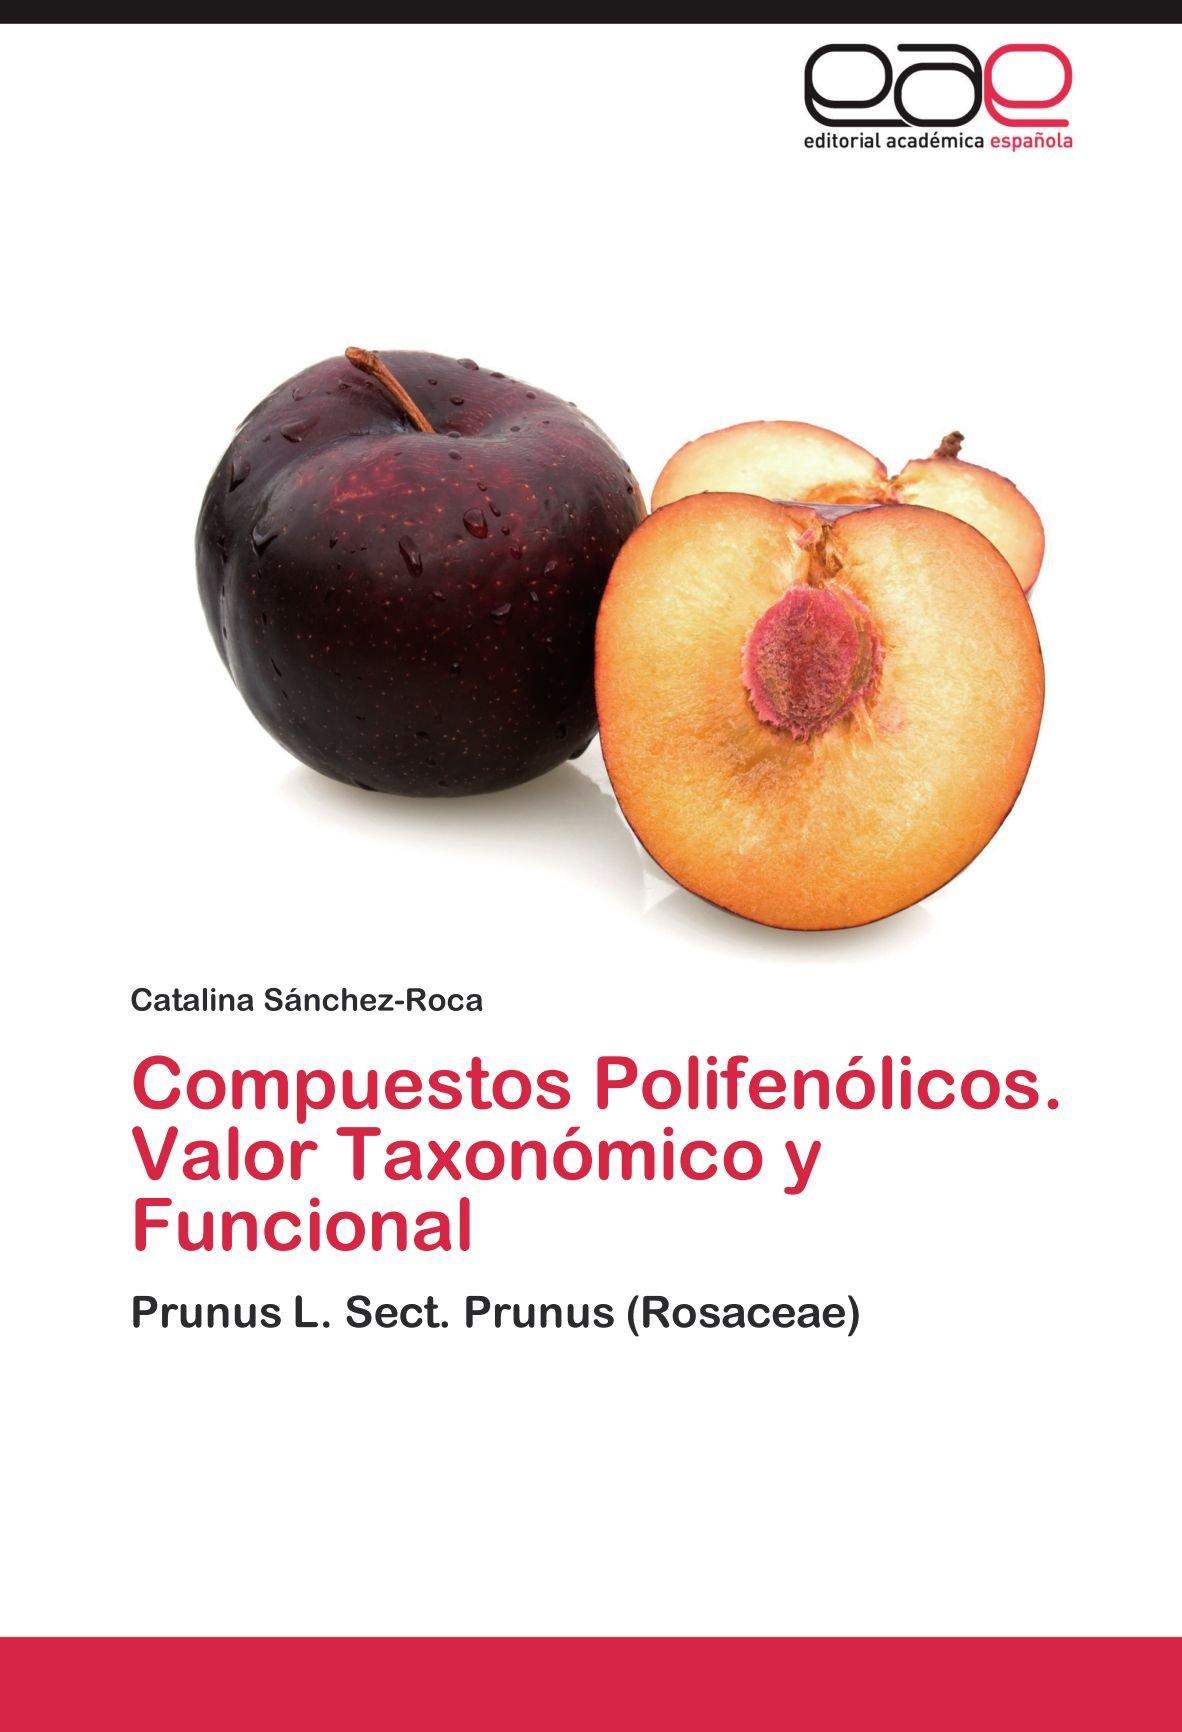 Compuestos Polifenólicos. Valor Taxonómico y Funcional: Amazon.es: Sánchez-Roca Catalina: Libros